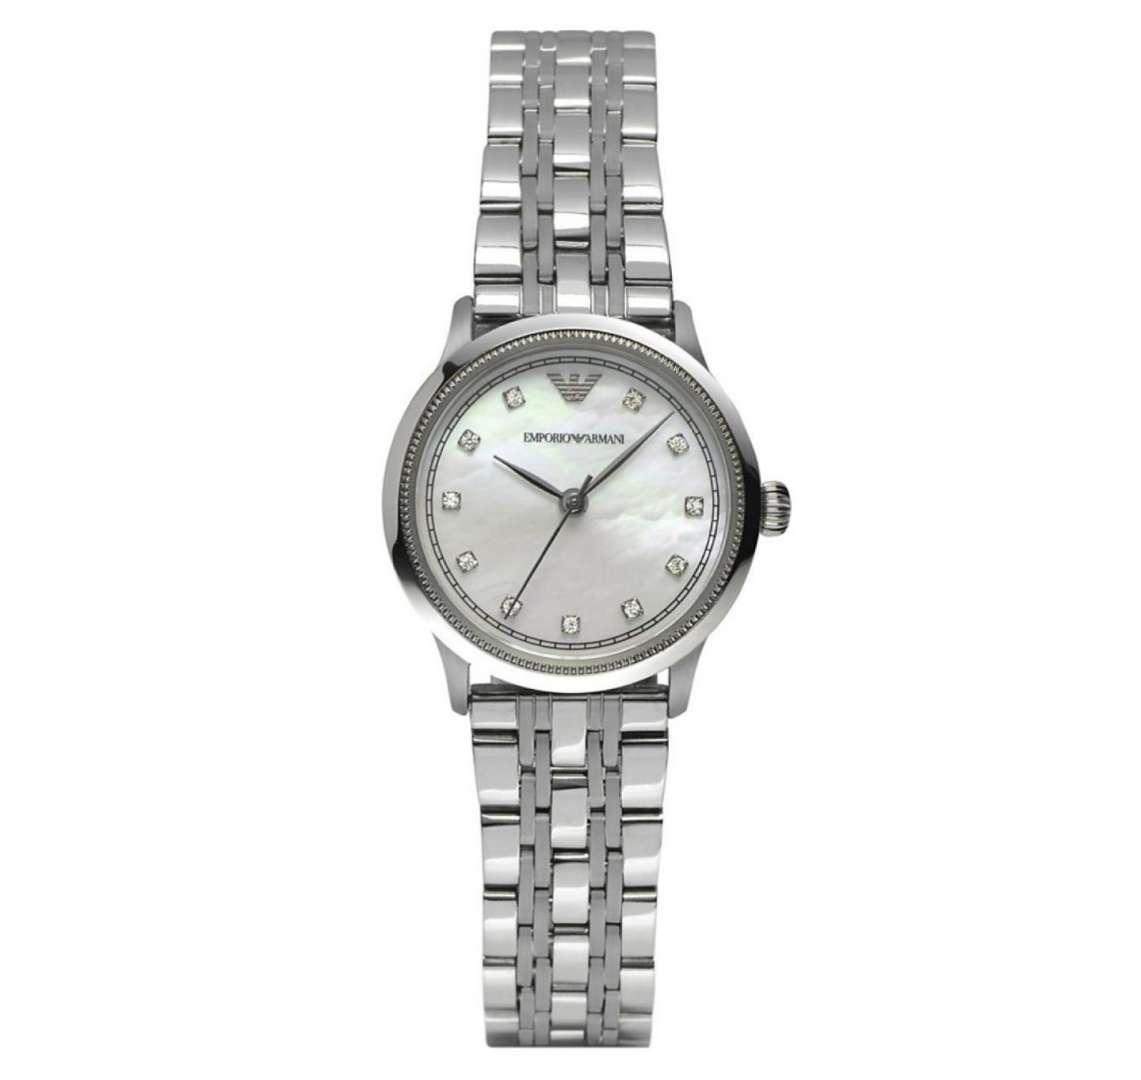 שעון יד אנלוגי לאישה emporio armani ar1803 אמפוריו ארמני